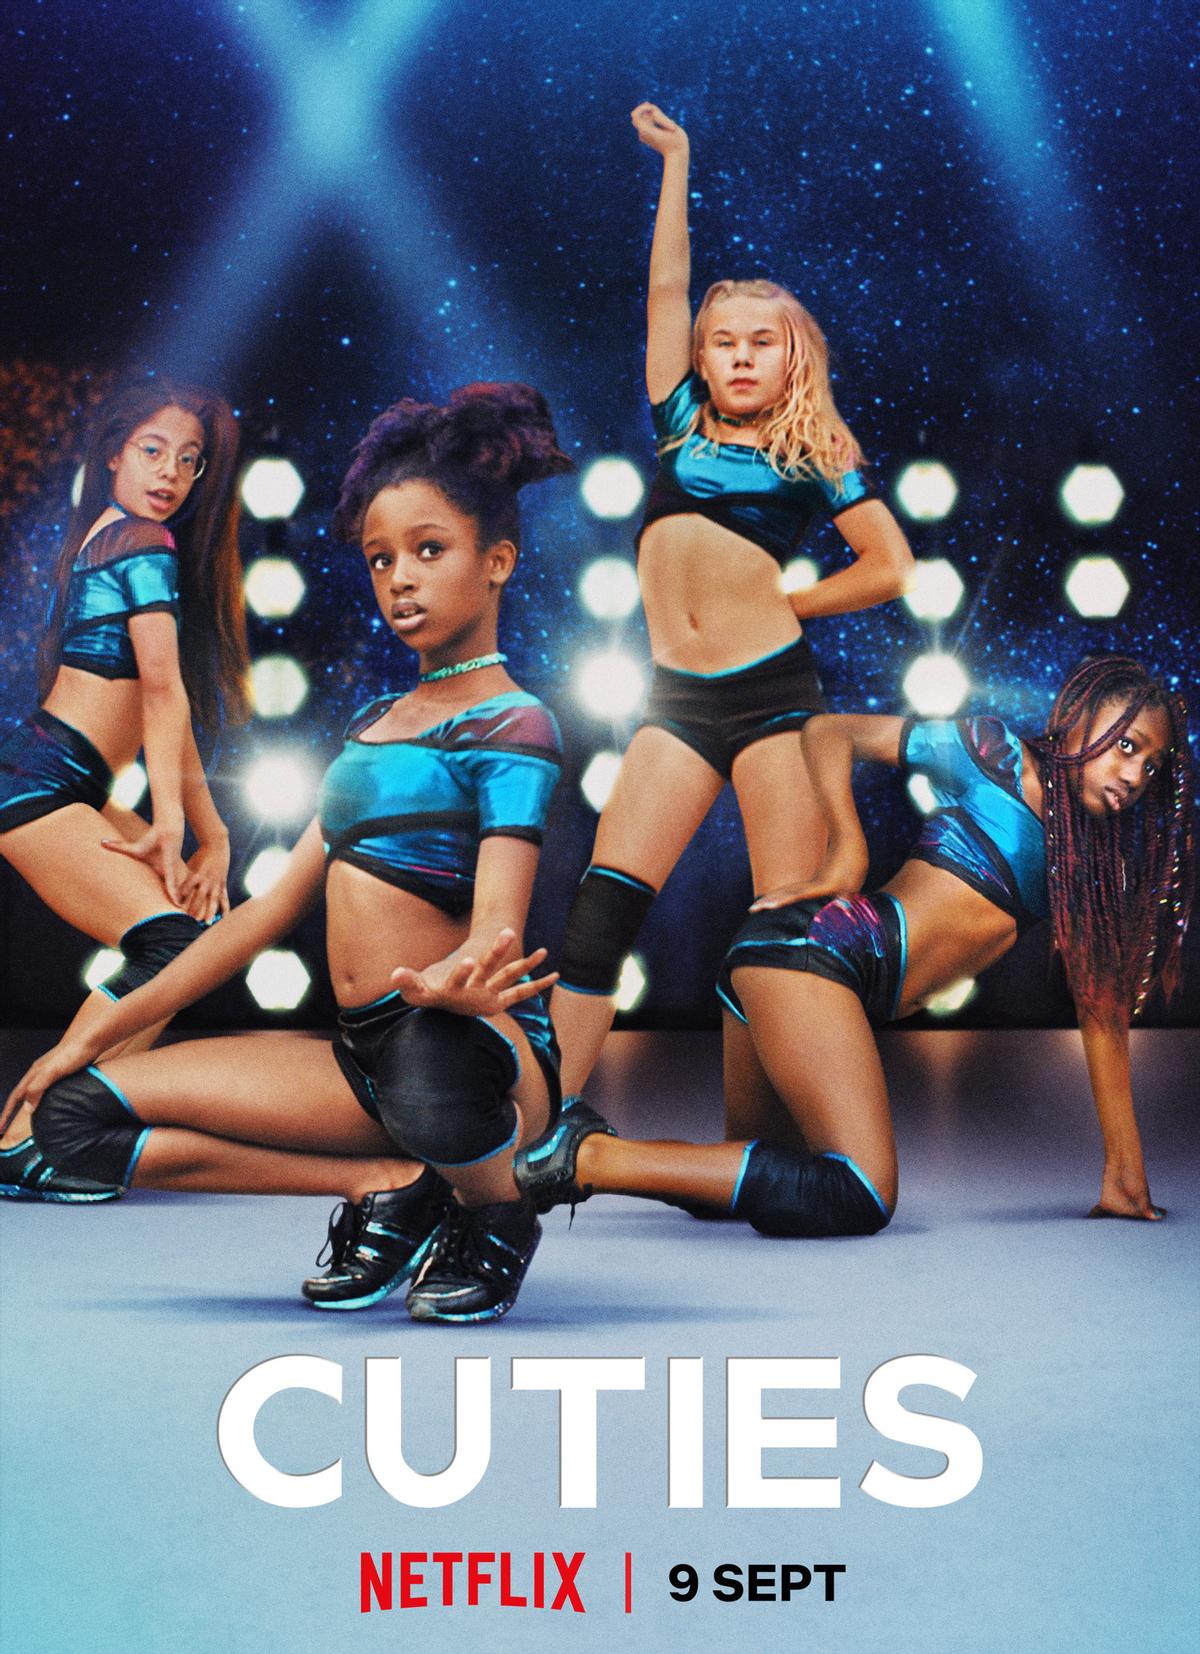 На Netflix выйдут «Милашки» - фильм об 11-летних девочках, танцующих тверк и исследующих женственность